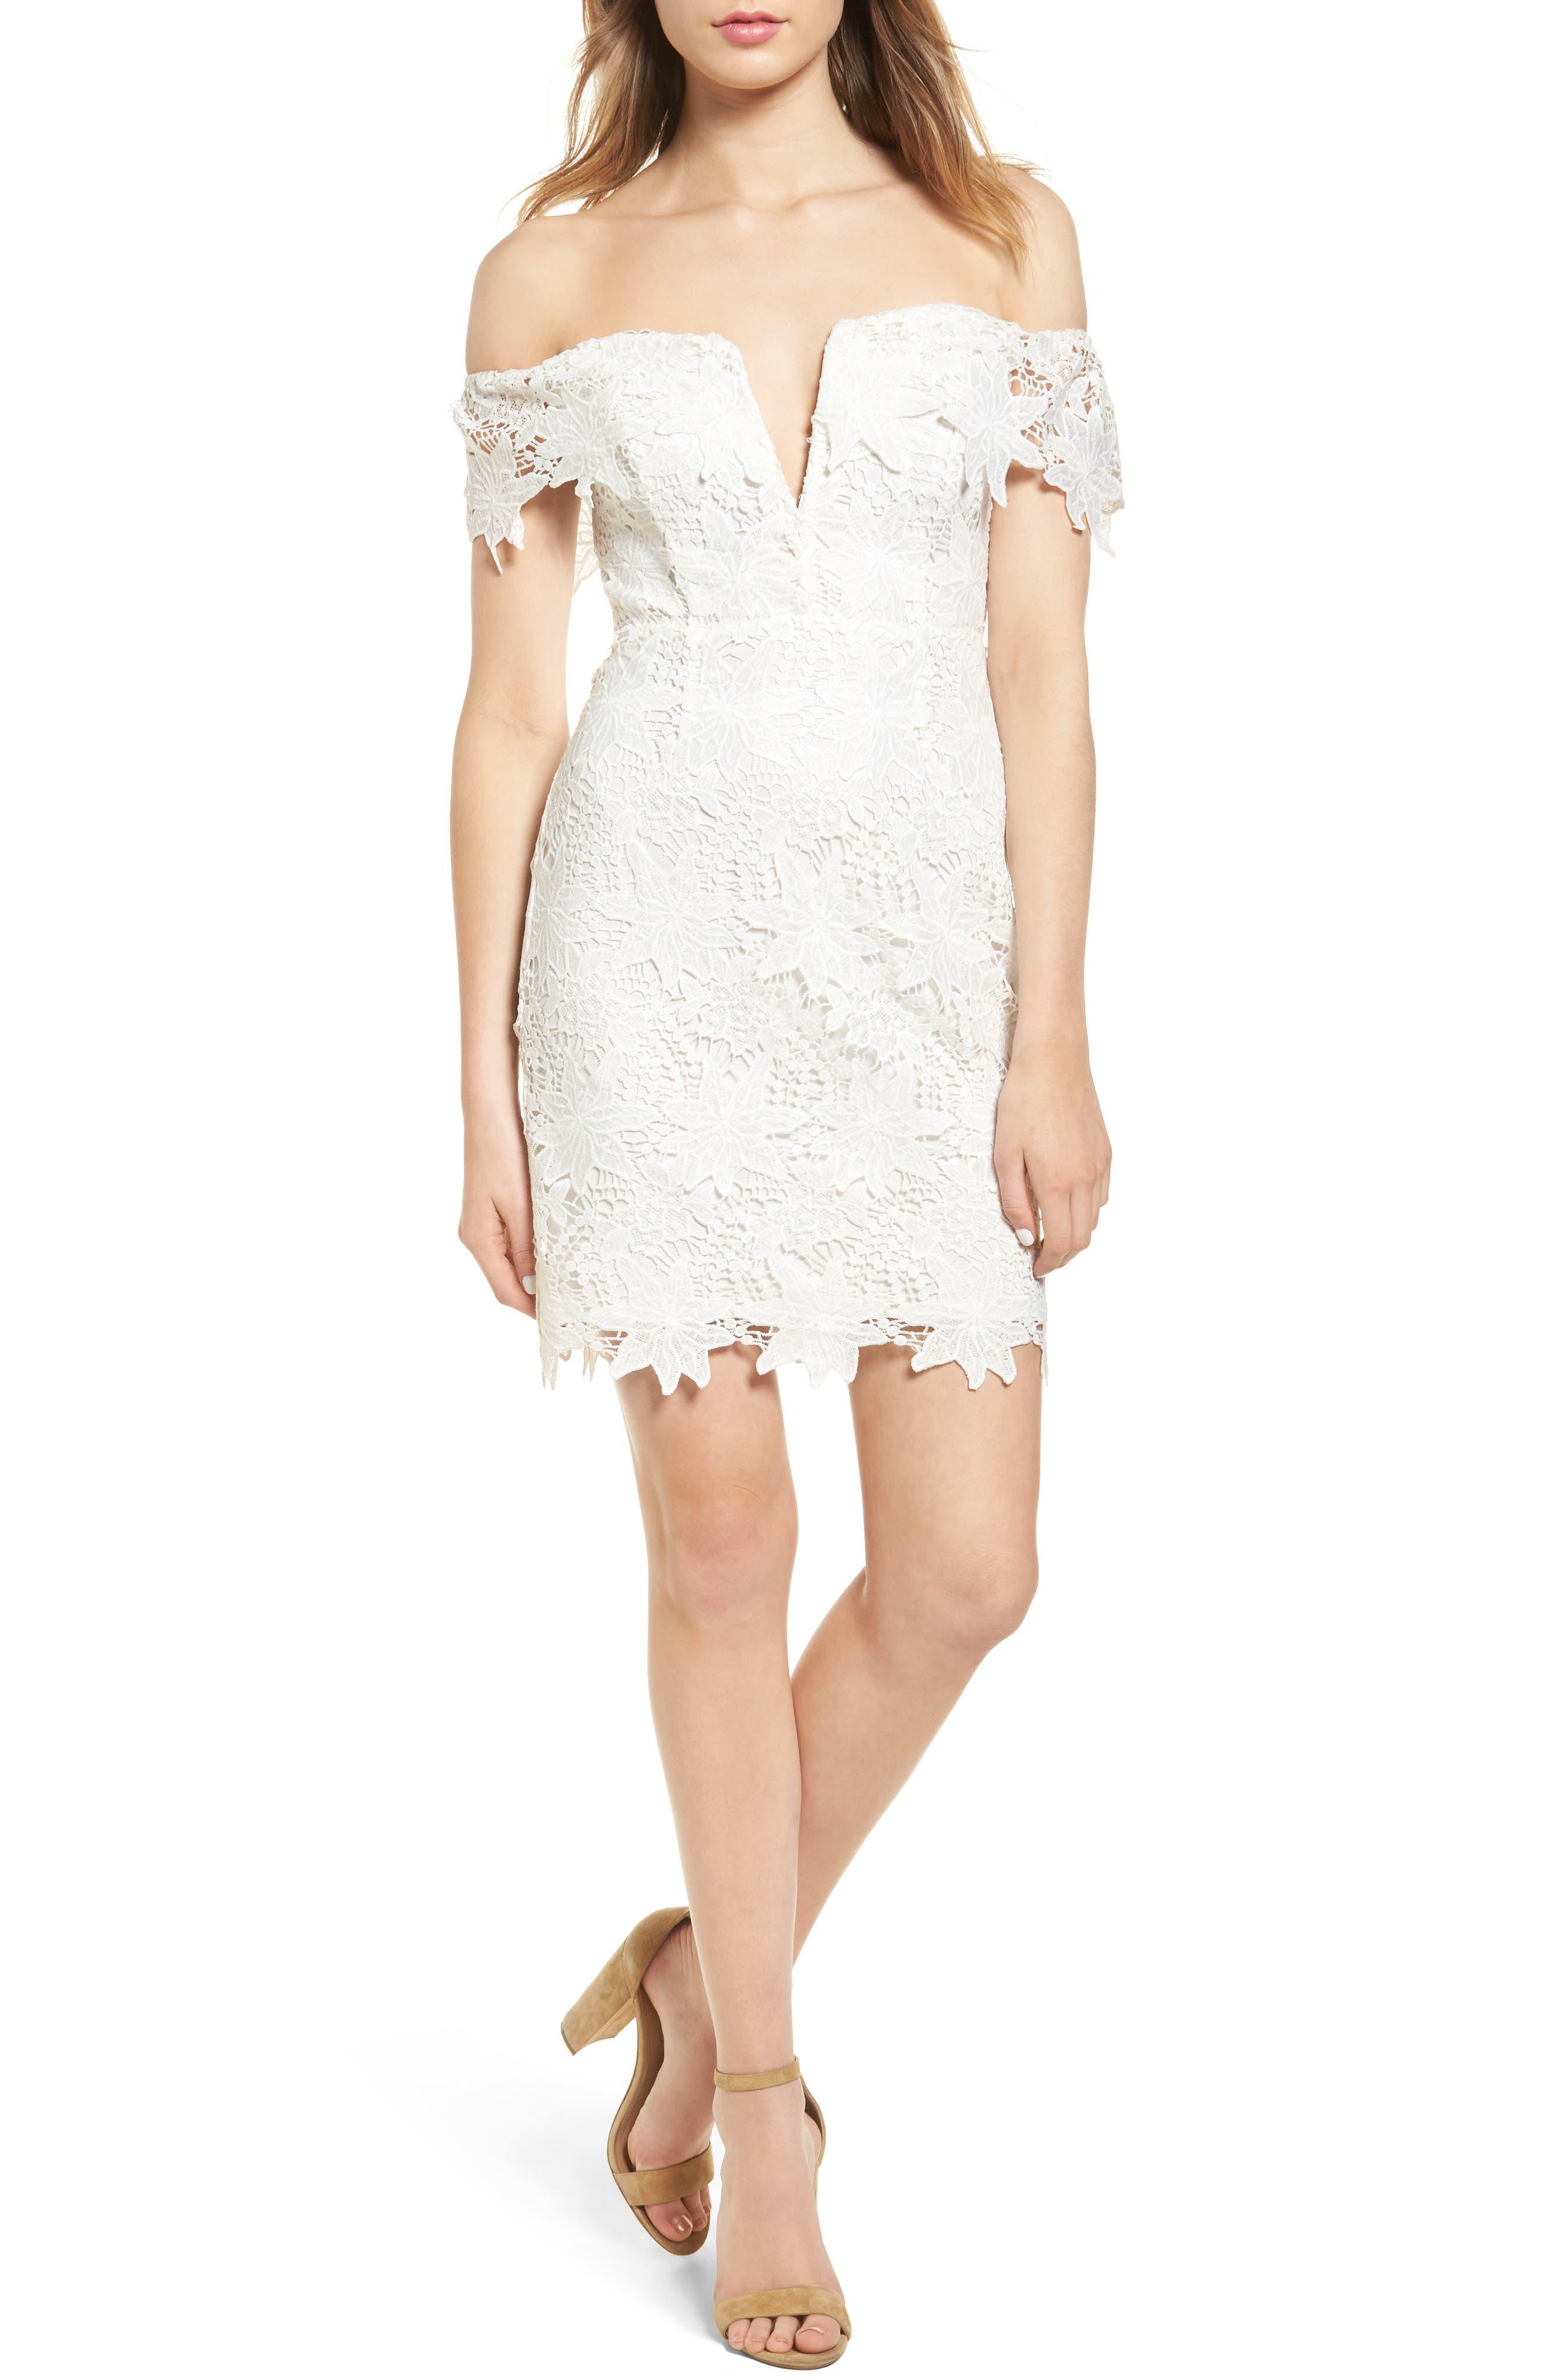 ASTR THE LABEL, Daniella Lace Body-Con Dress, Main thumbnail 1, color, 100